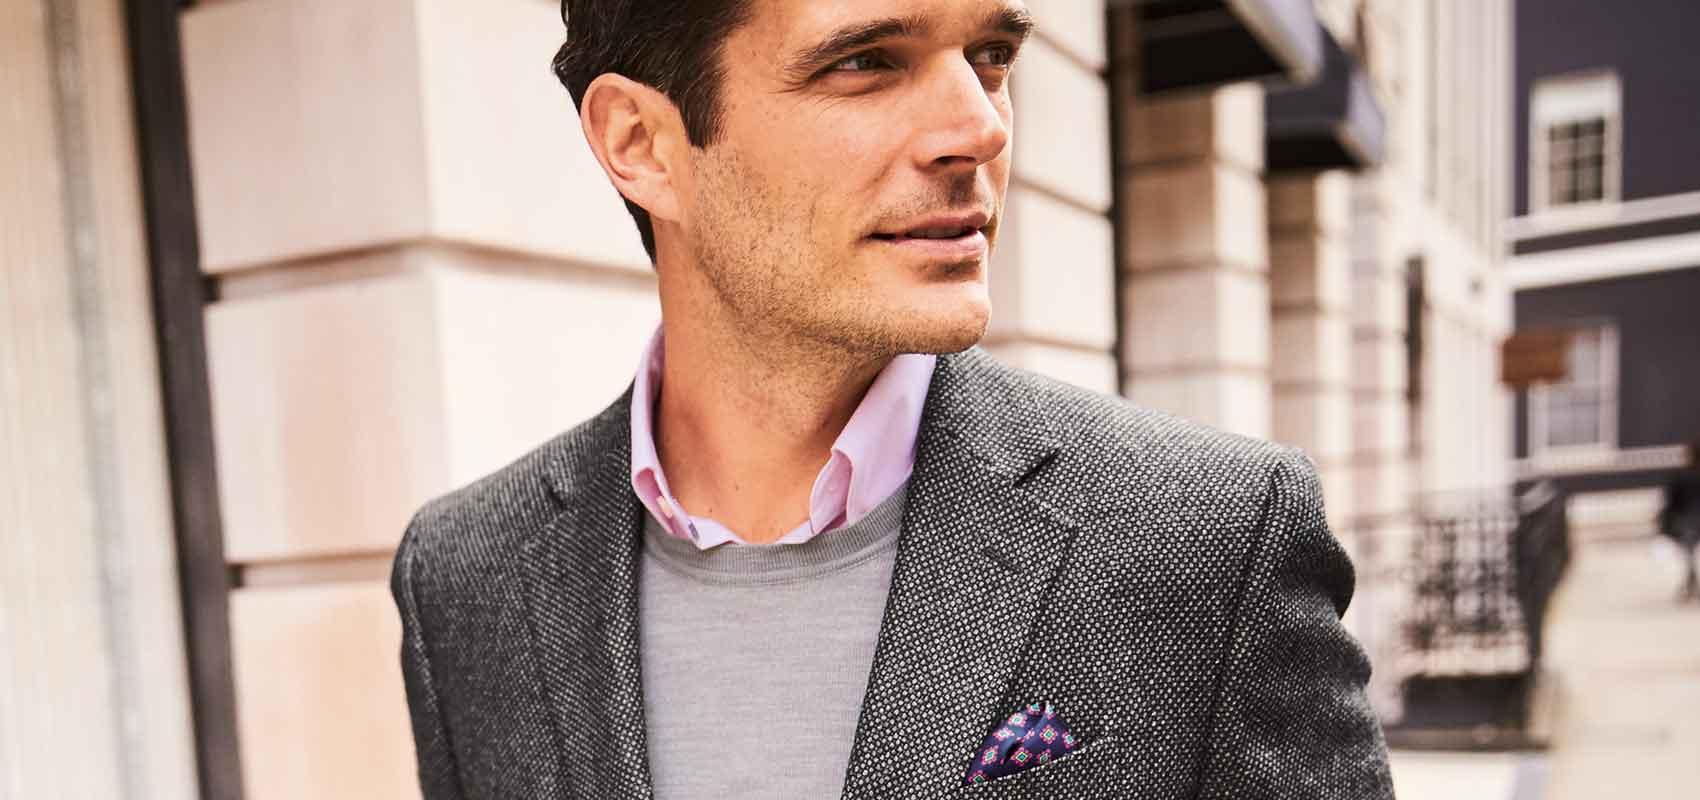 Charles Tyrwhitt men's outerwear